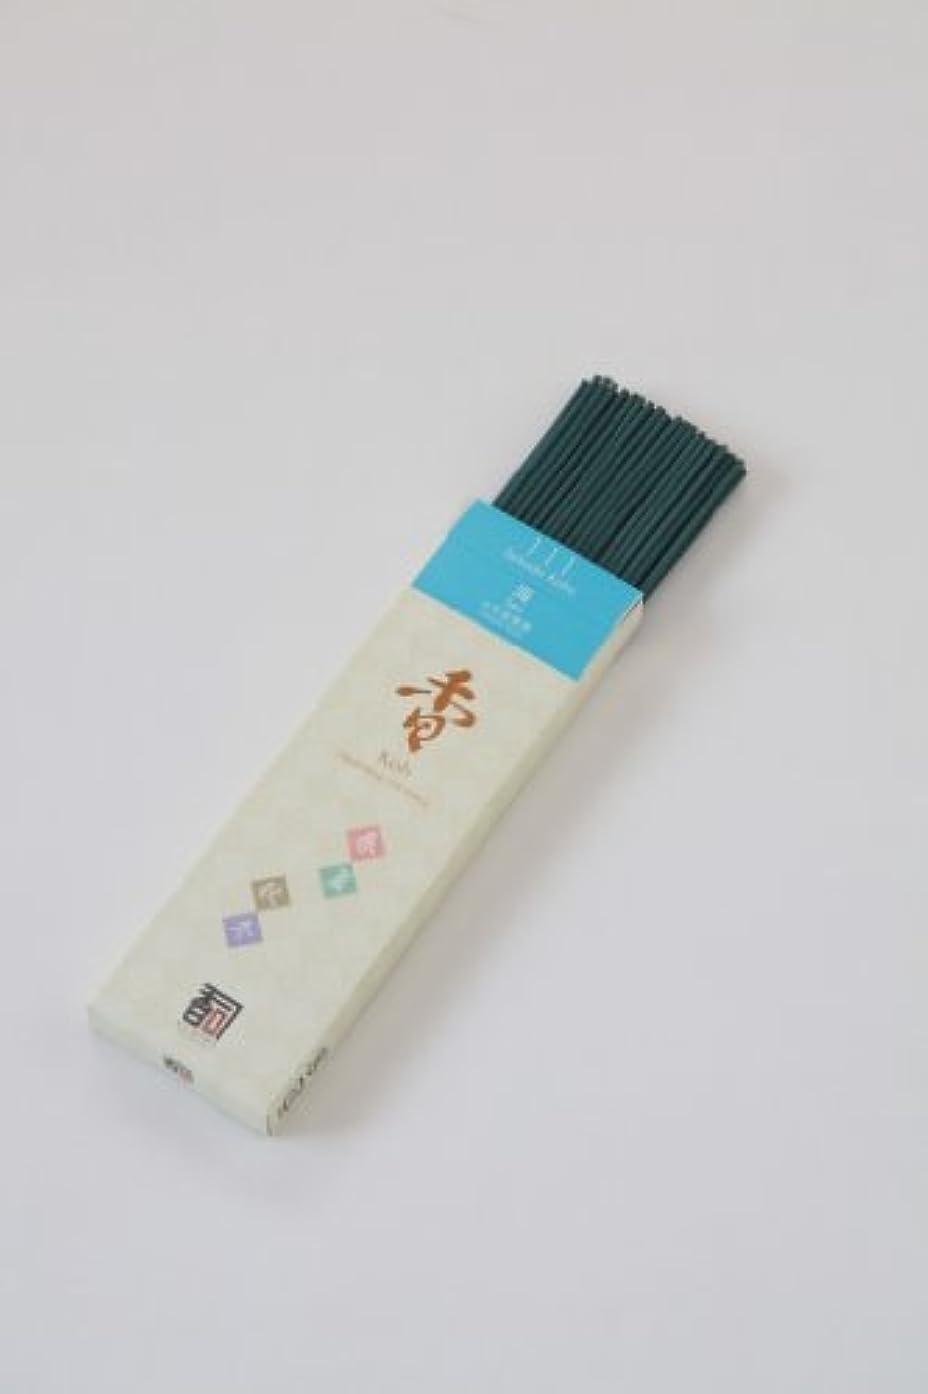 時系列立場窒素「あわじ島の香司」 日本の香りシリーズ (春夏秋冬) 【111】  ◆海◆